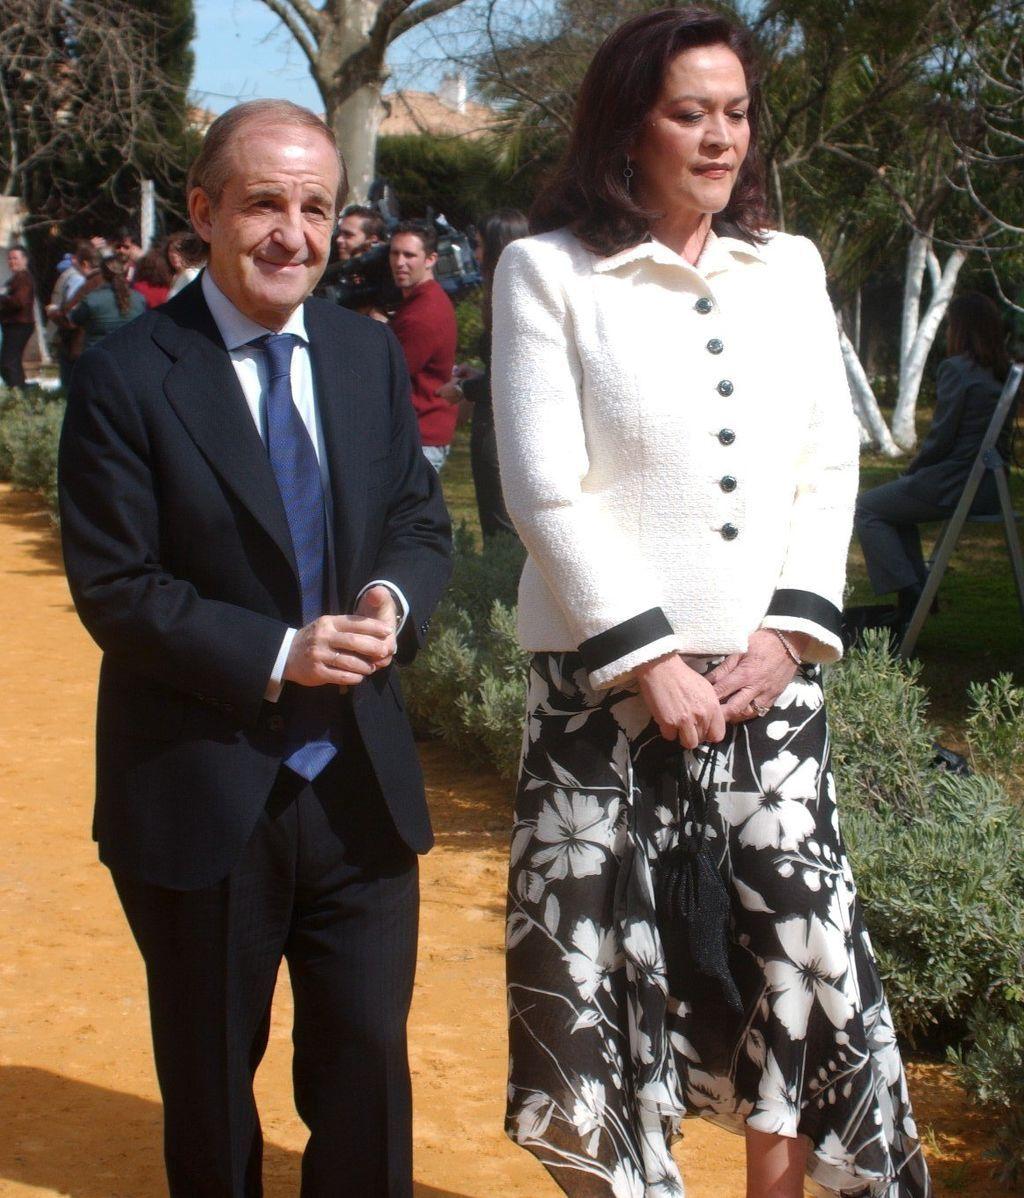 El periodista José María García y Montse Fraile son los suegros de Ariadne Artiles